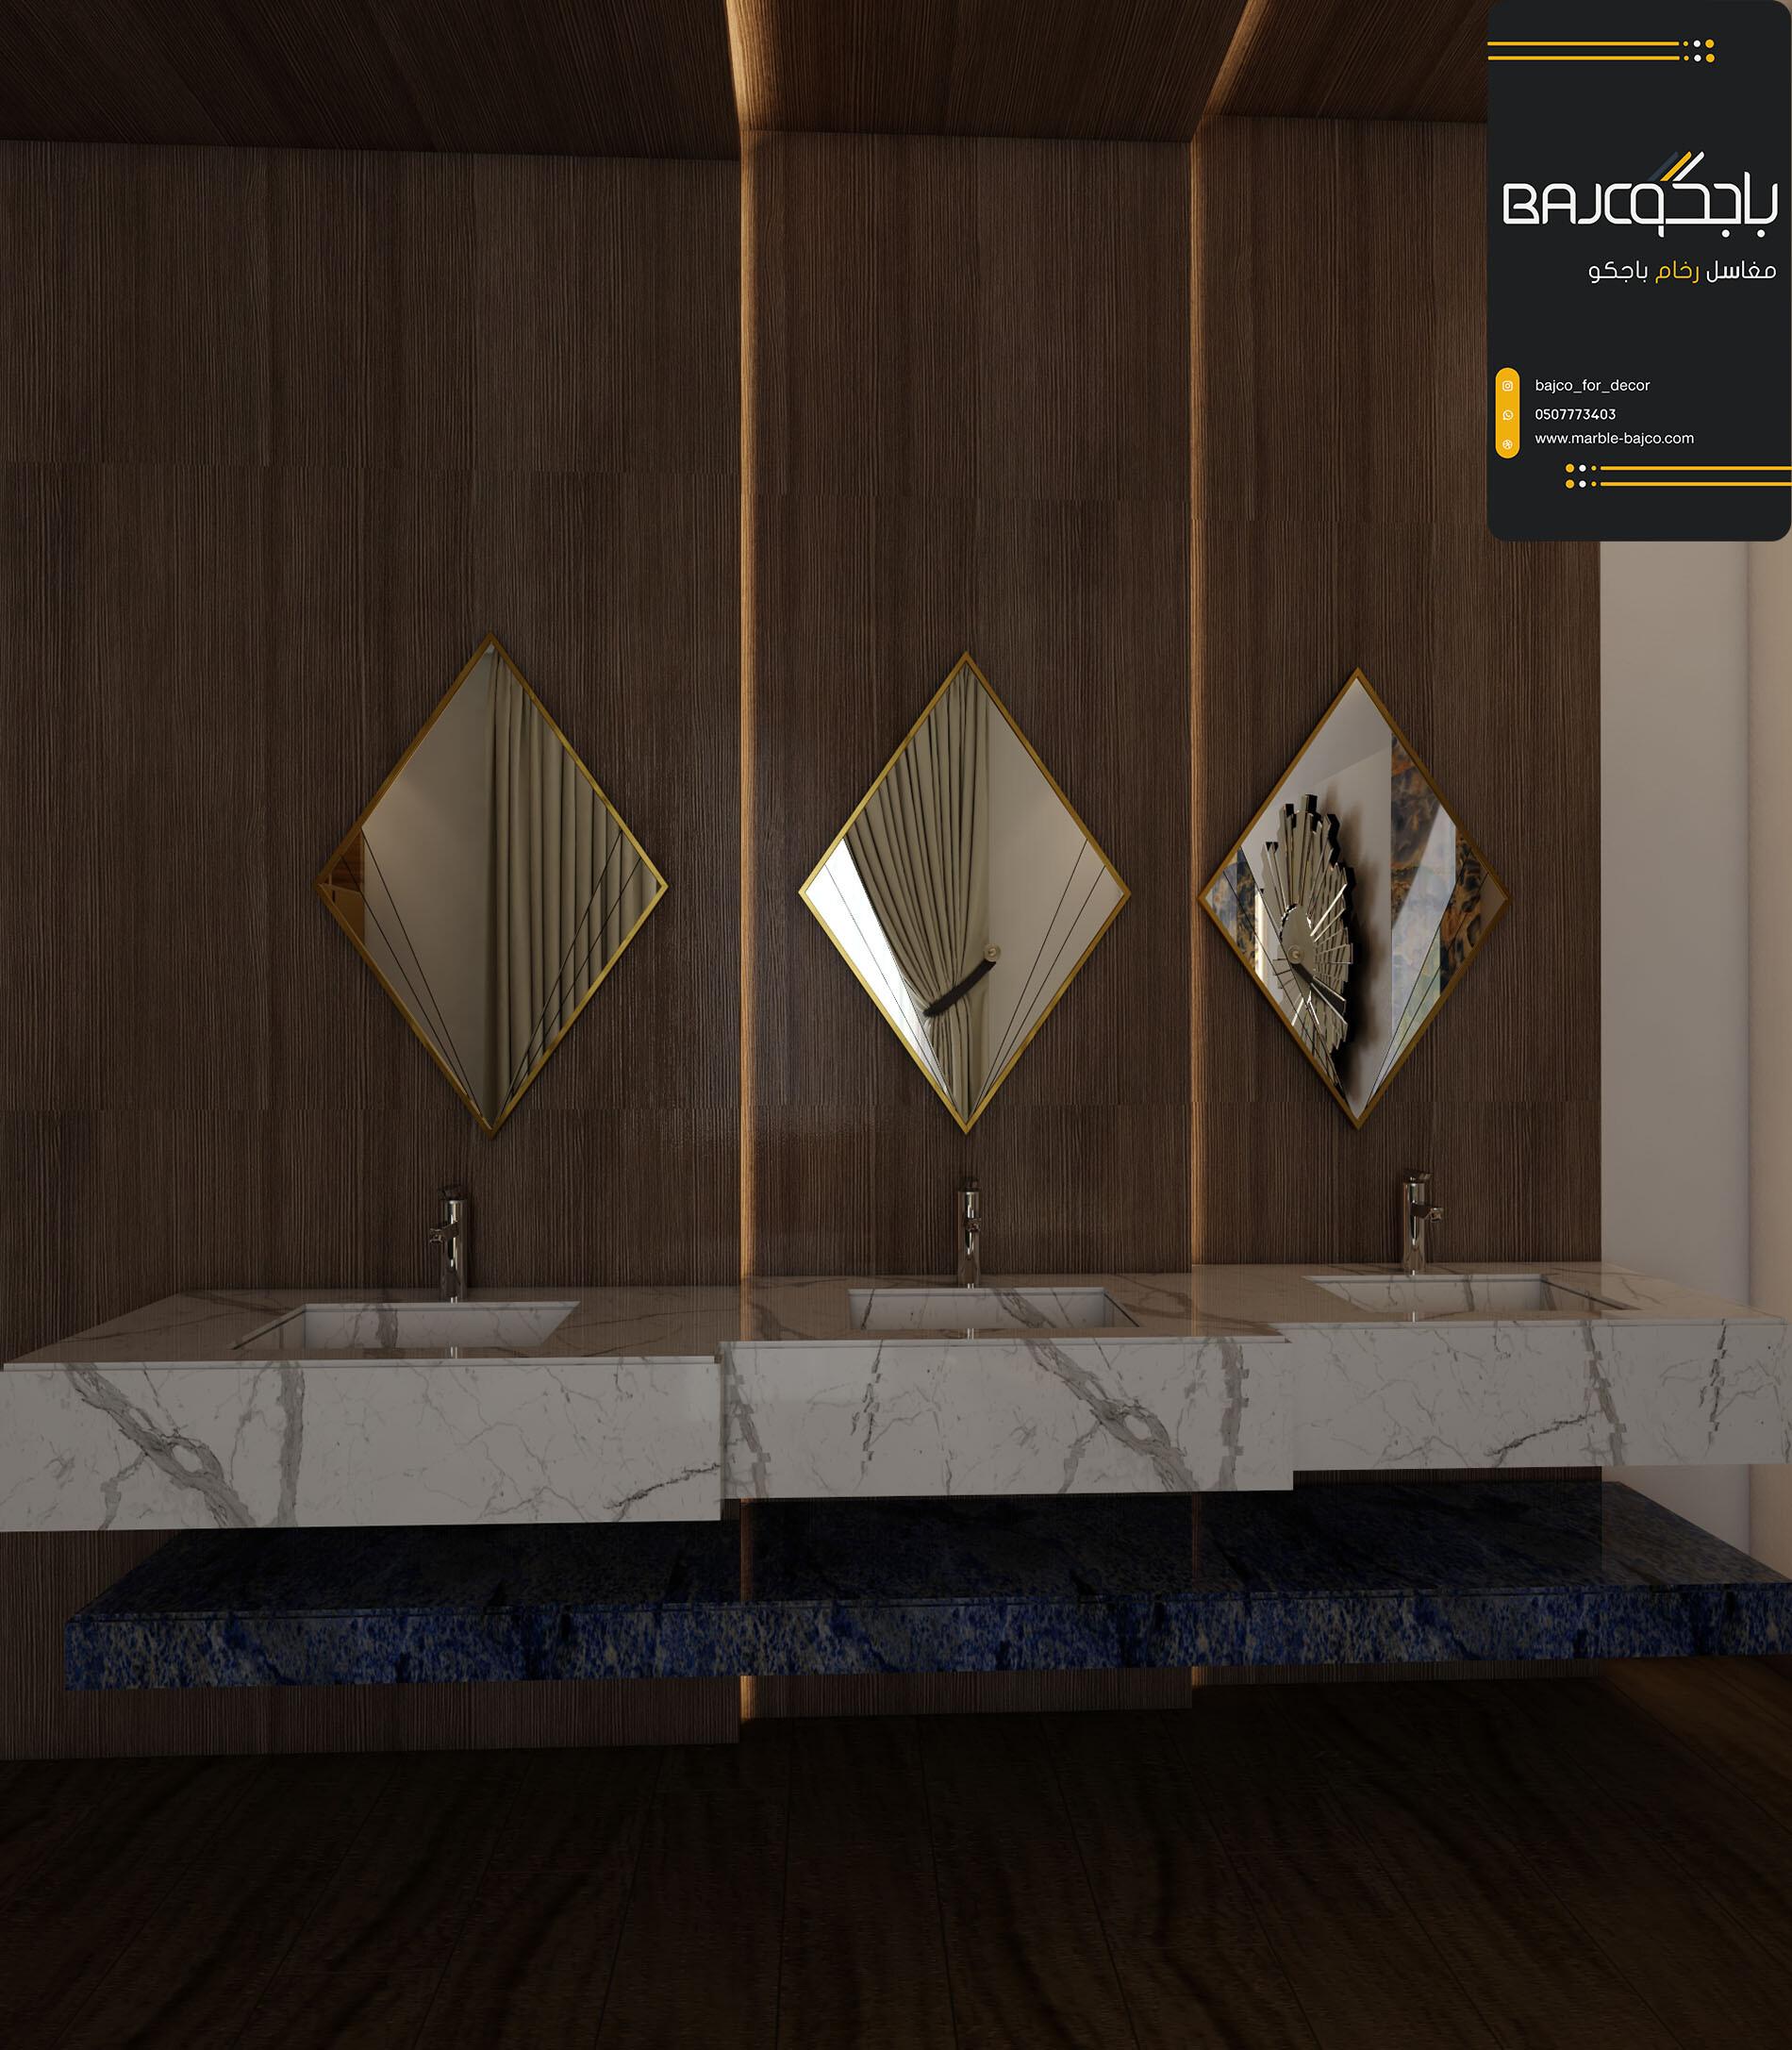 تصاميم مغسلة رخام ستتواريو ثلاث احواض (1)